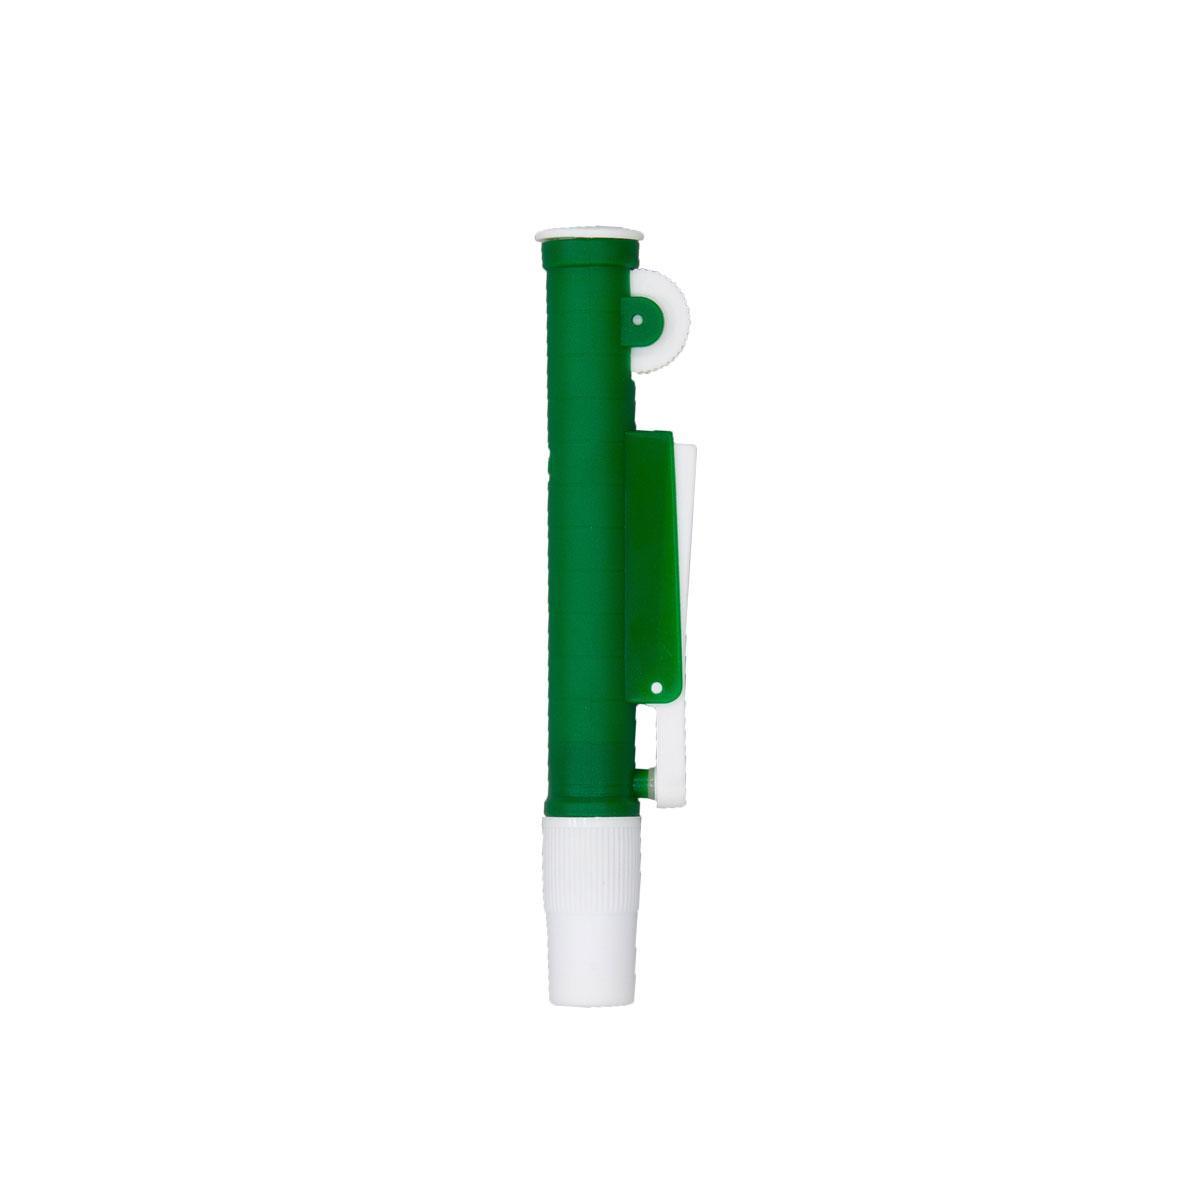 Дозатор для серологических пипеток, объемом 10 мл зеленого цвета